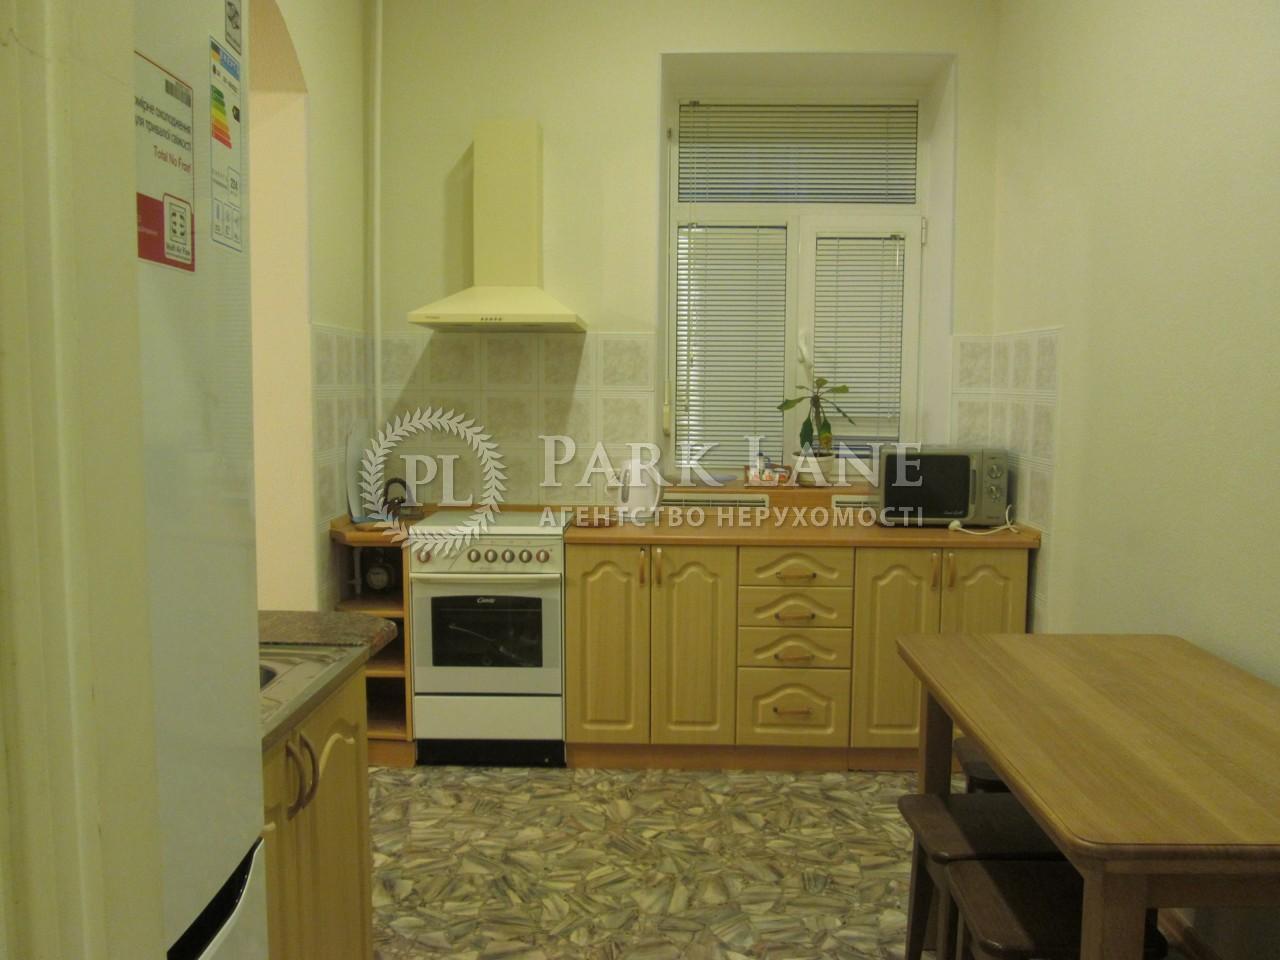 Квартира вул. Десятинна, 13, Київ, C-40311 - Фото 4